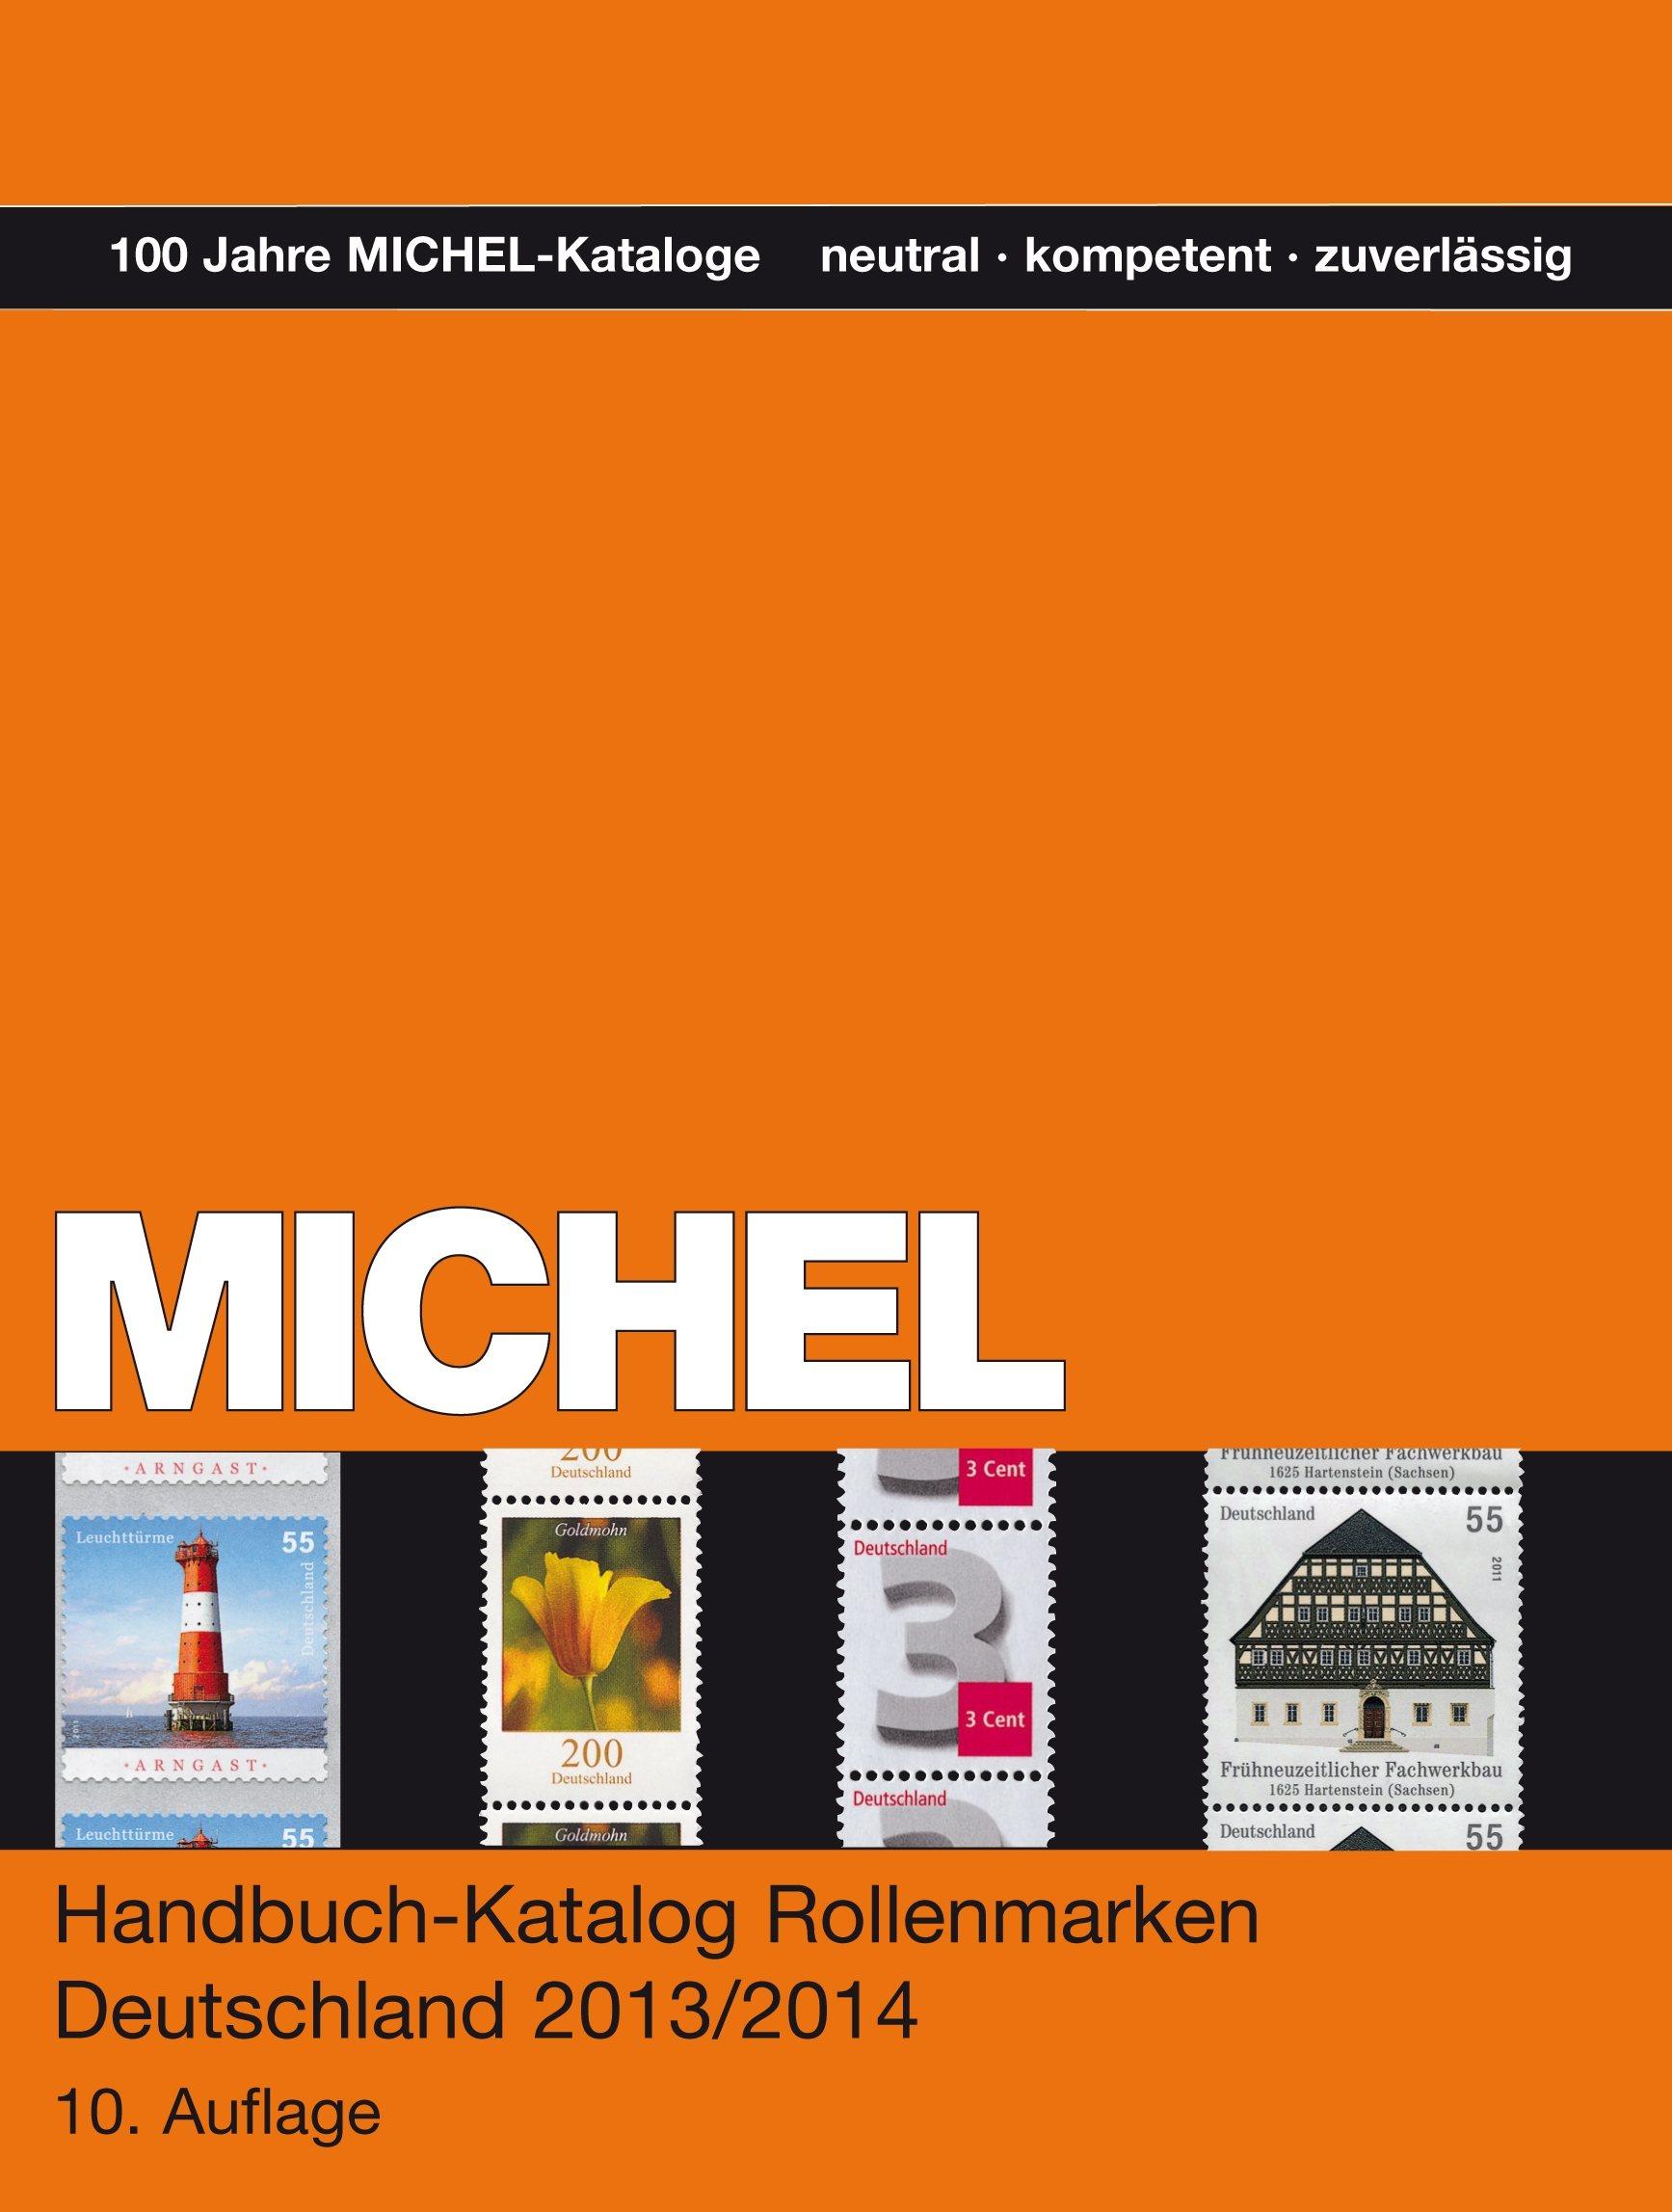 michel handbuch katalog rollenmarken deutschland 2013 14. Black Bedroom Furniture Sets. Home Design Ideas